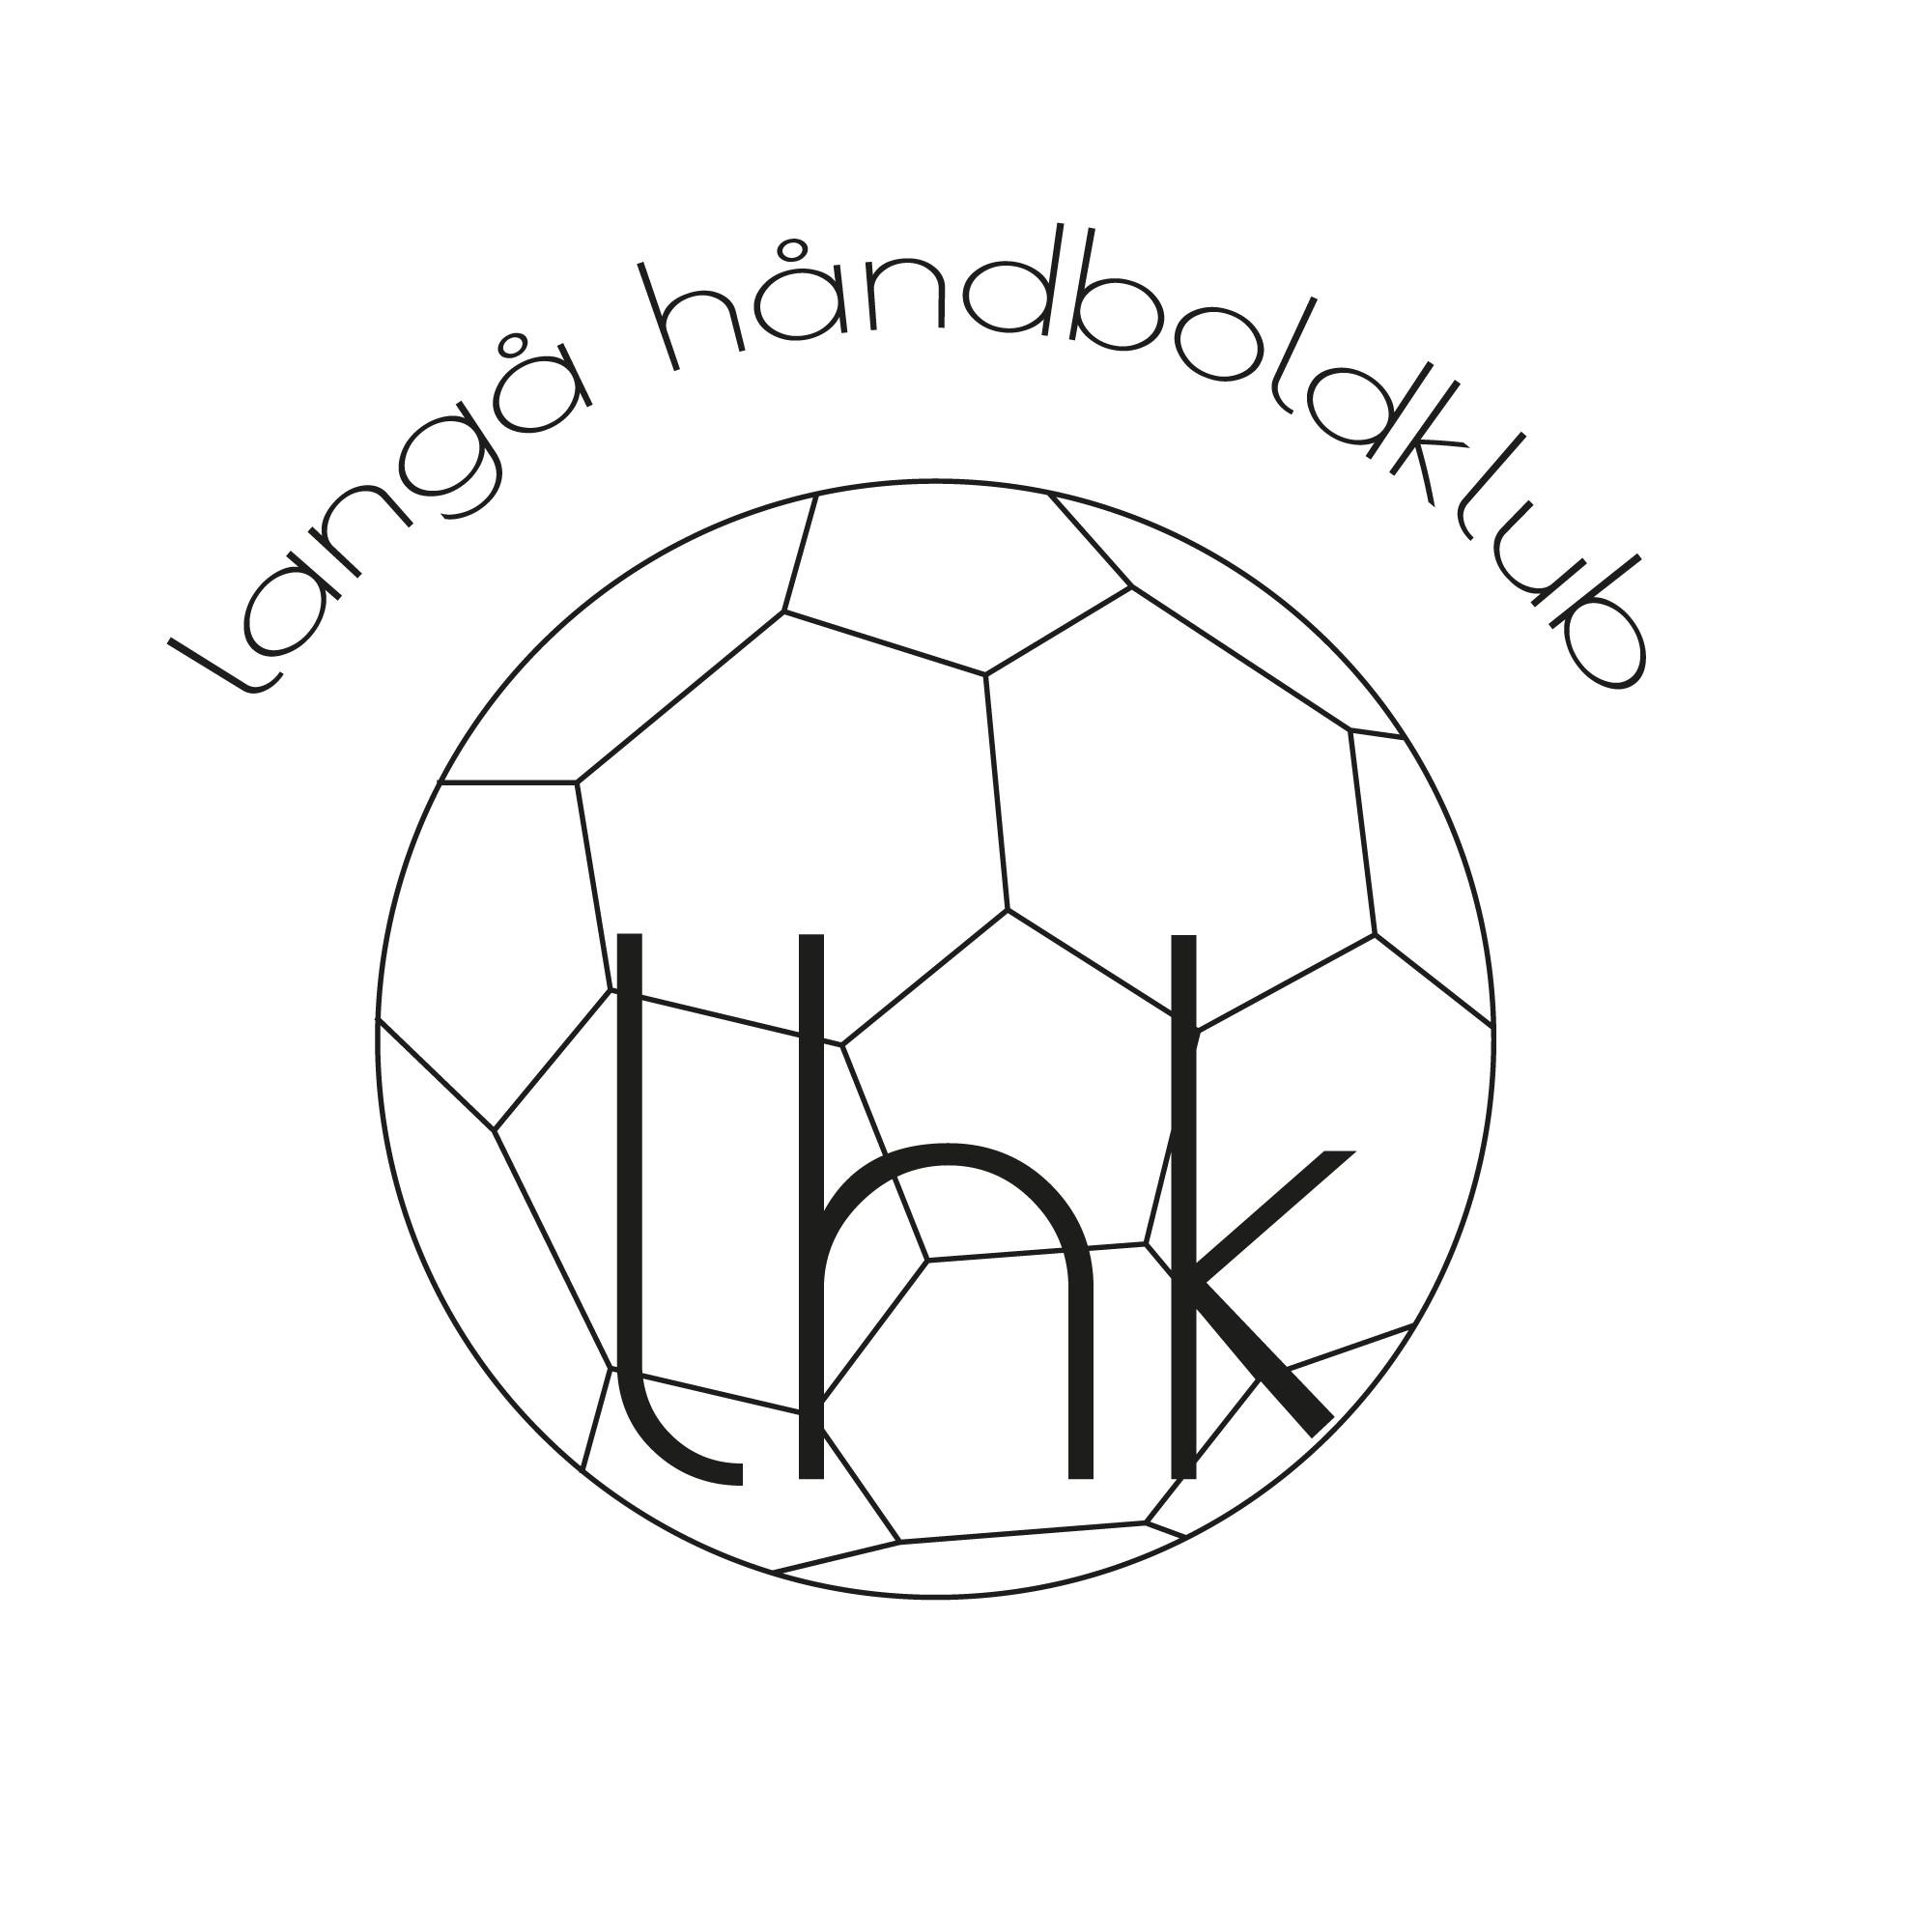 lhk_logo